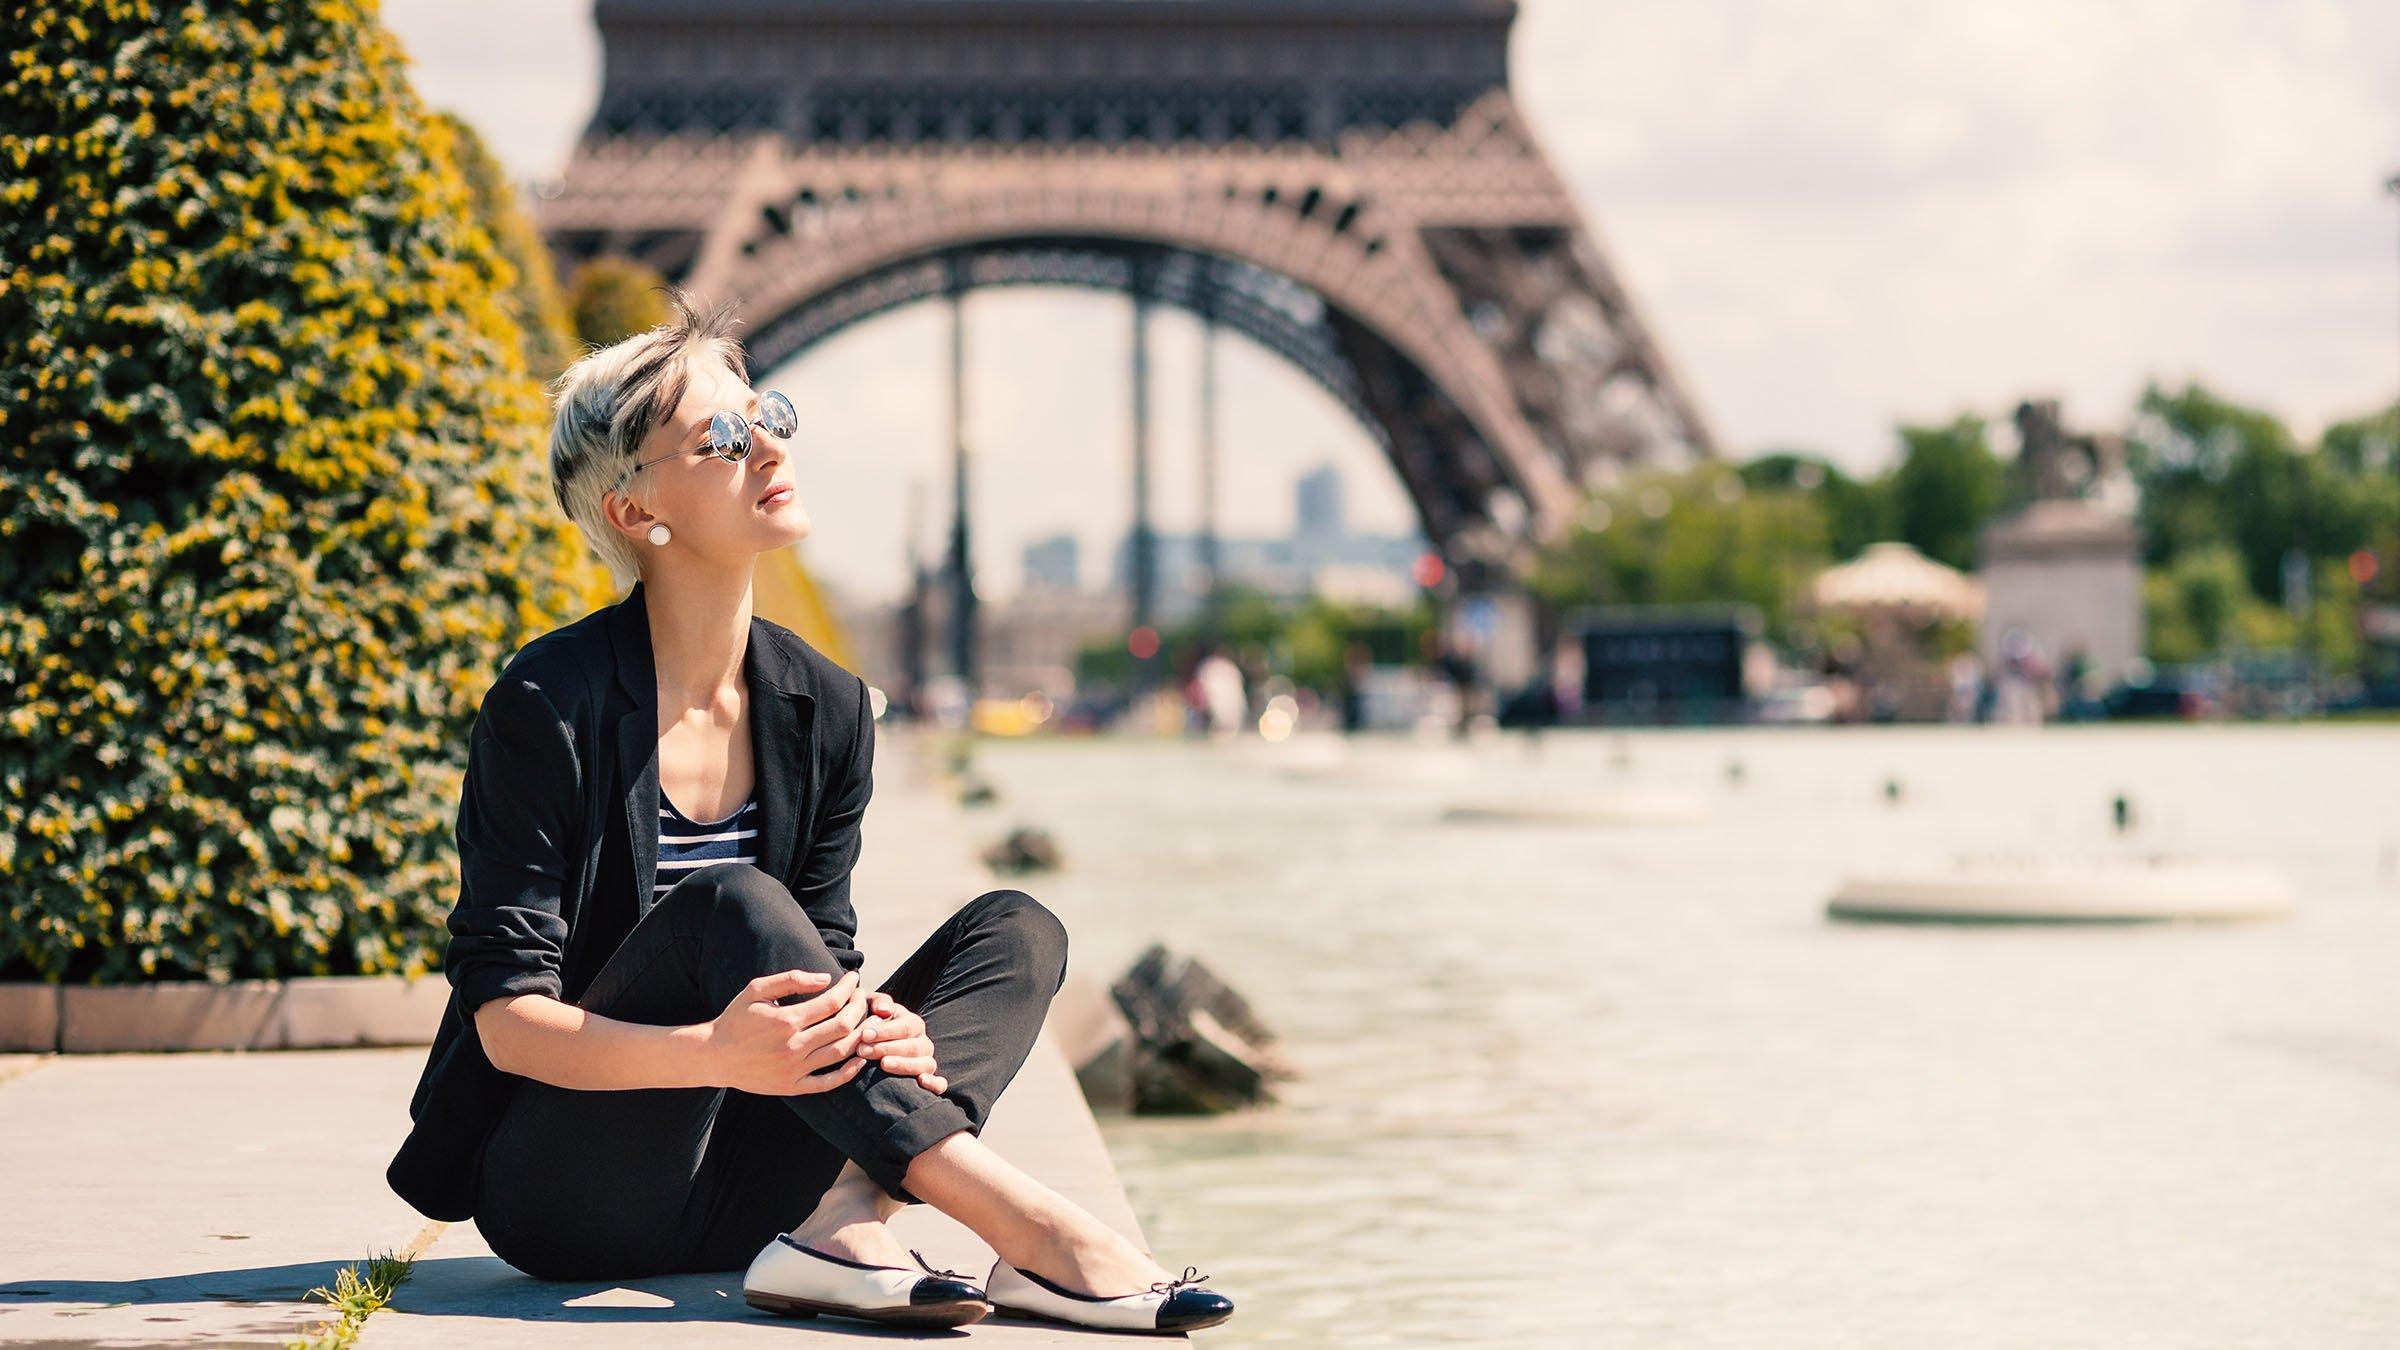 La moda en París